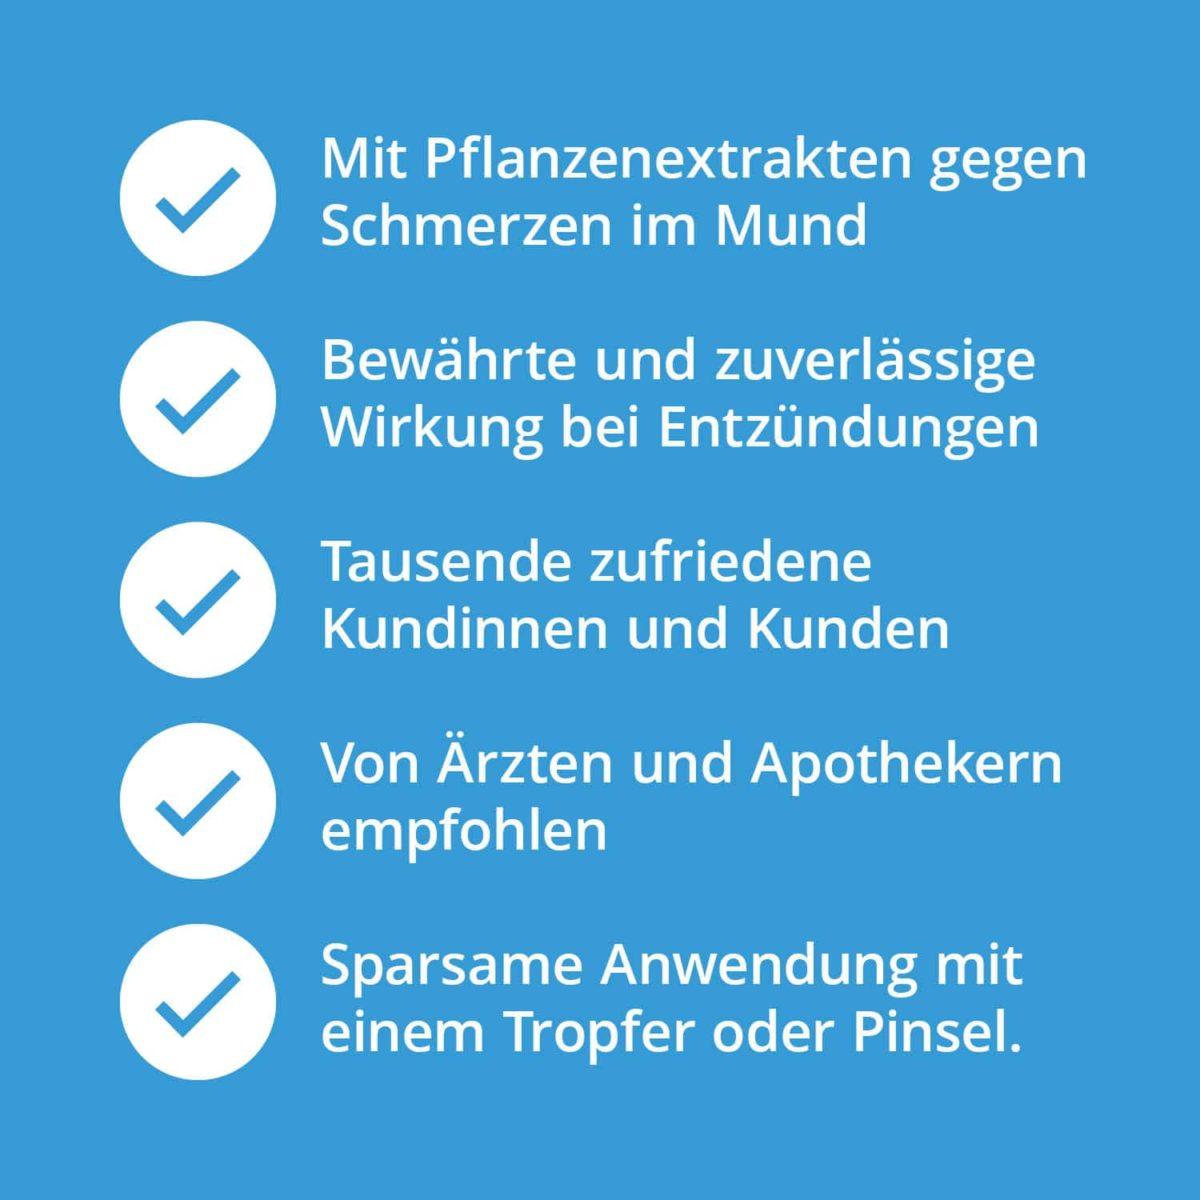 Casida Mund-Gesund Fluid Repair & Protect 10 ml 10086681 PZN Apotheke Zahnfleischentzündung7